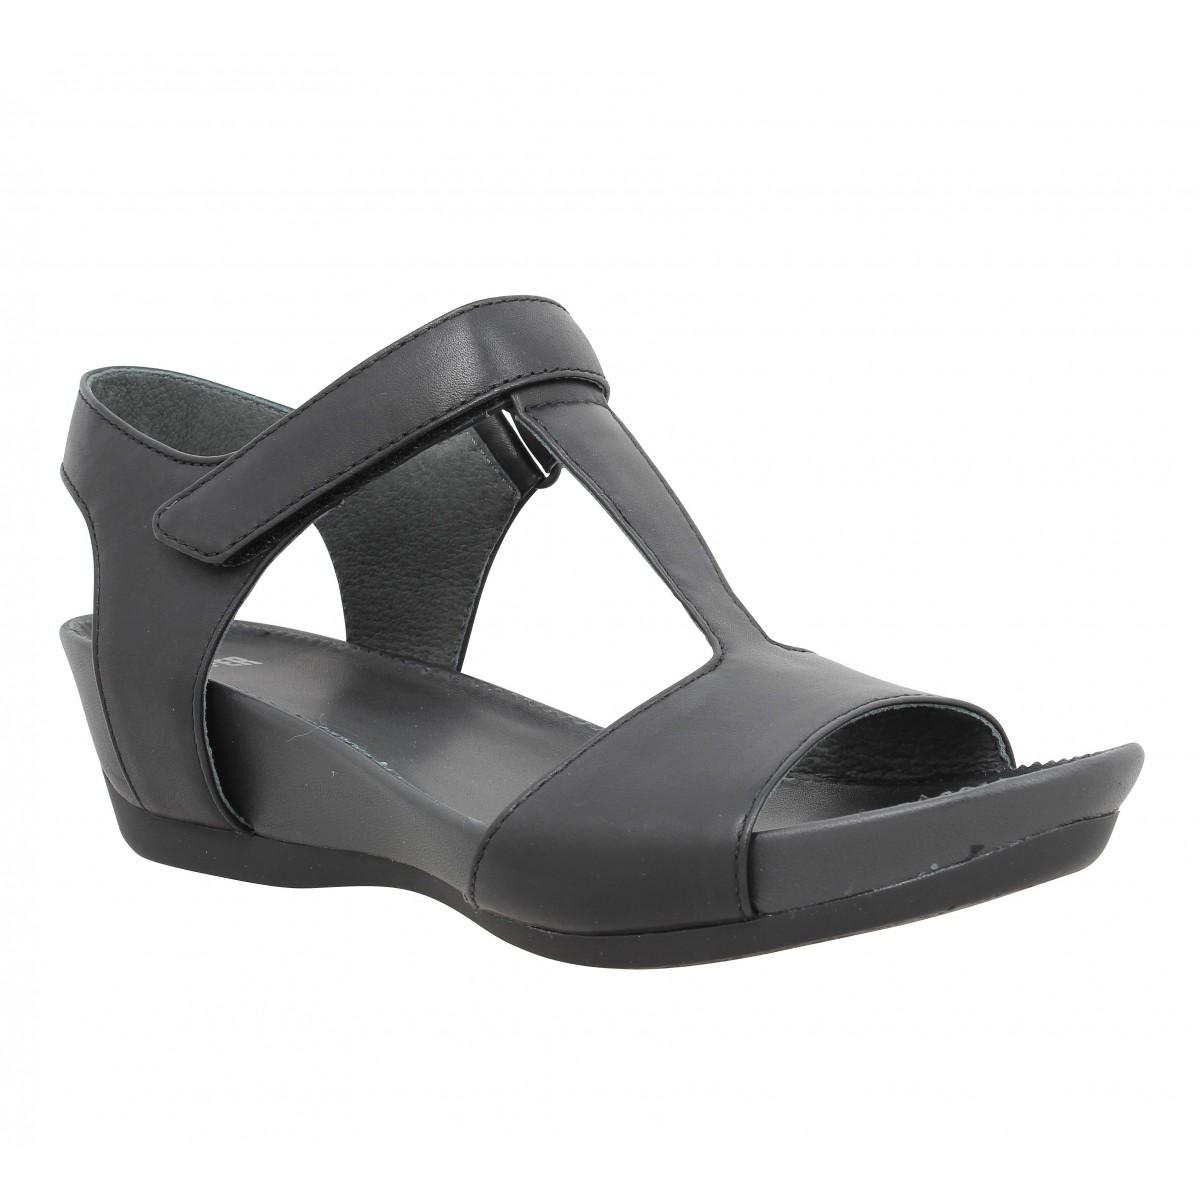 Sandales talons CAMPER Micro 20117 cuir Femme Noir